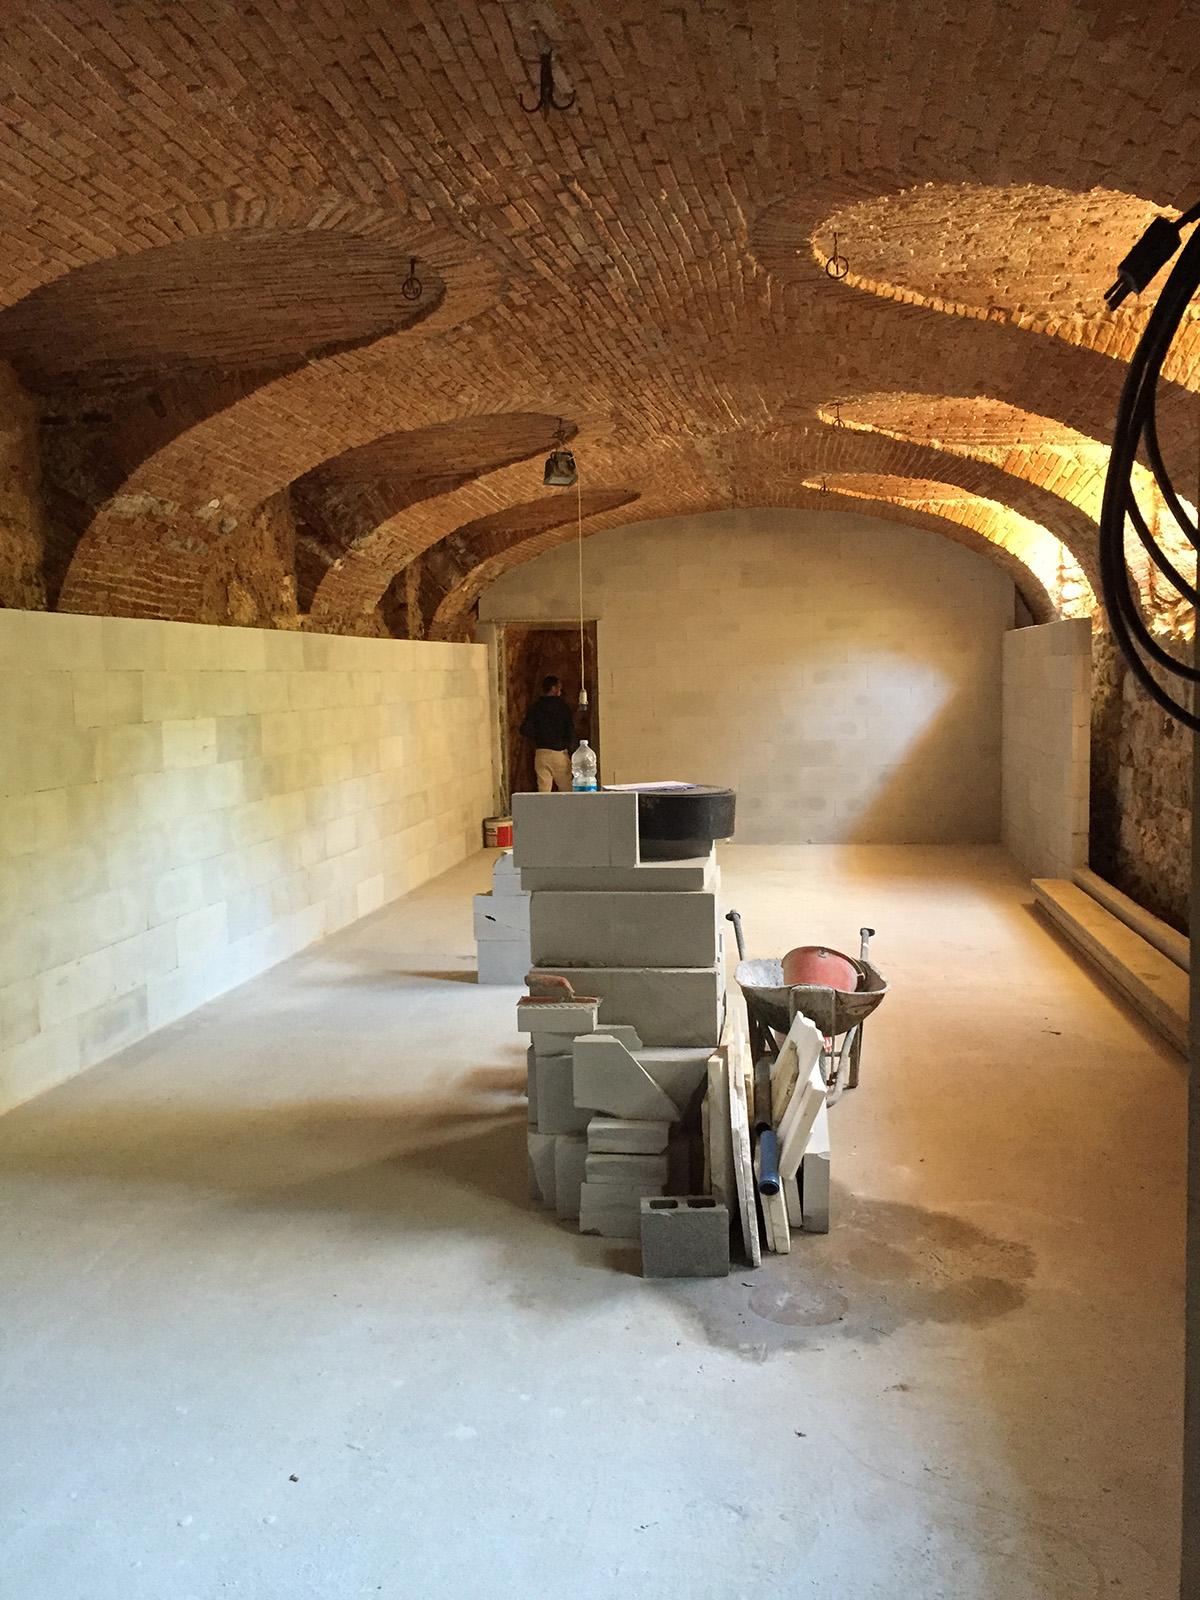 Perico-Renato-Zandobbio (BG) - Via Della Costa - Residenza 9